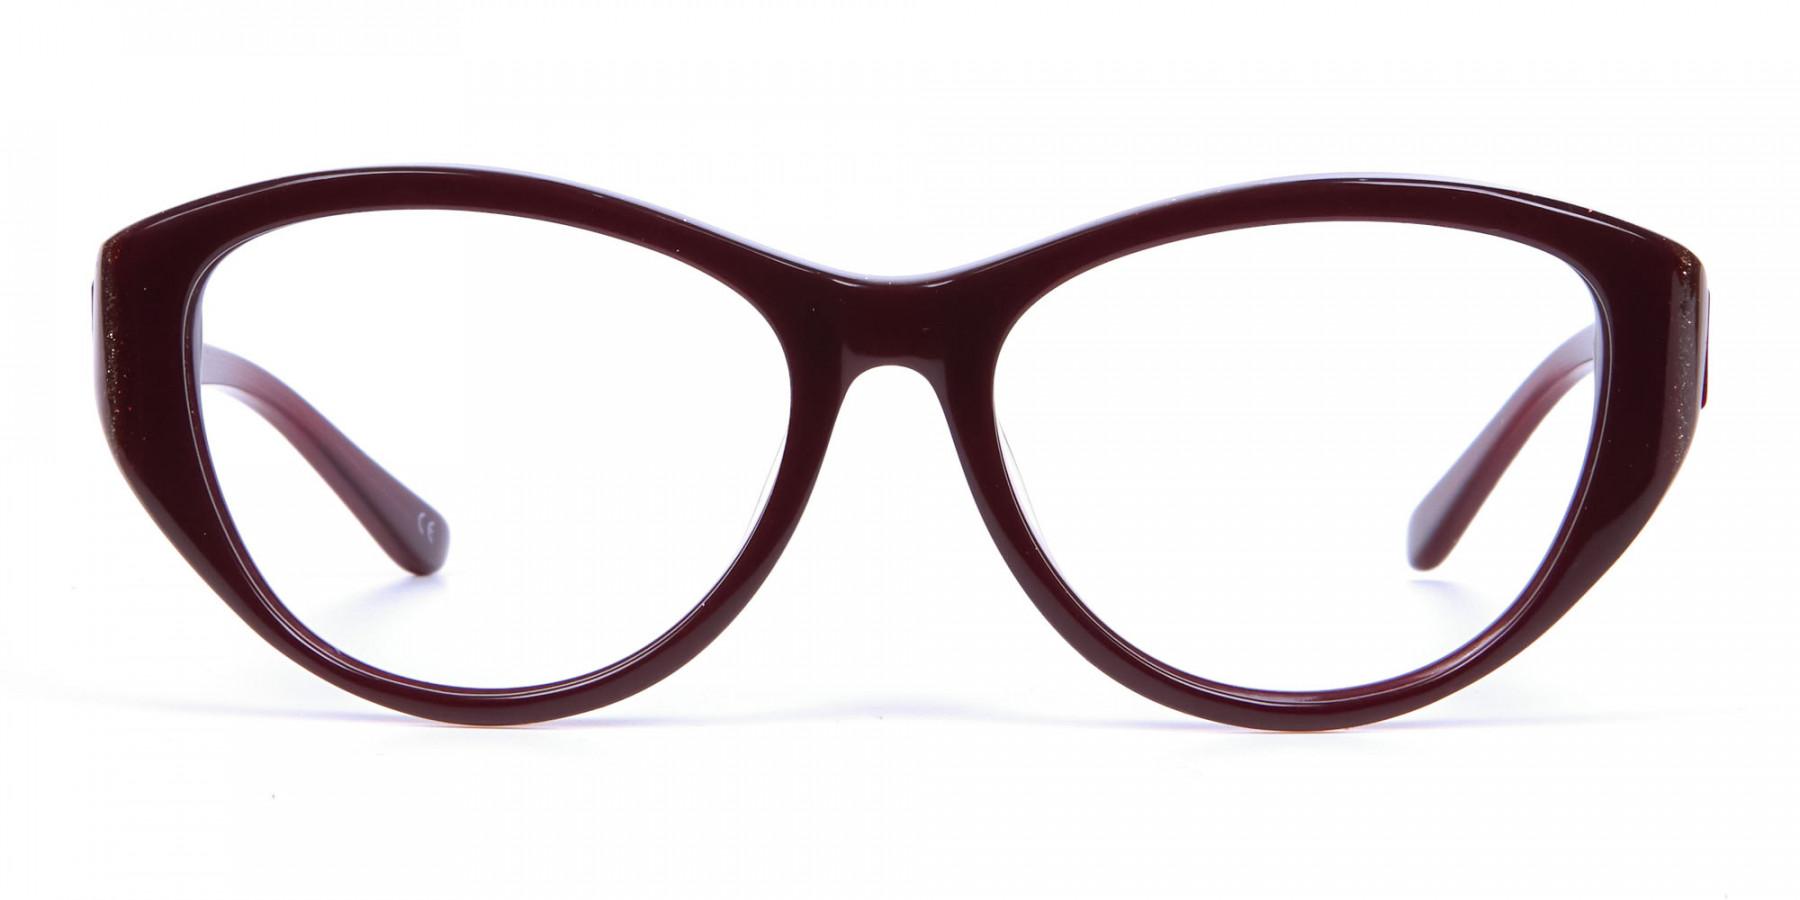 Burgundy Red Glasses